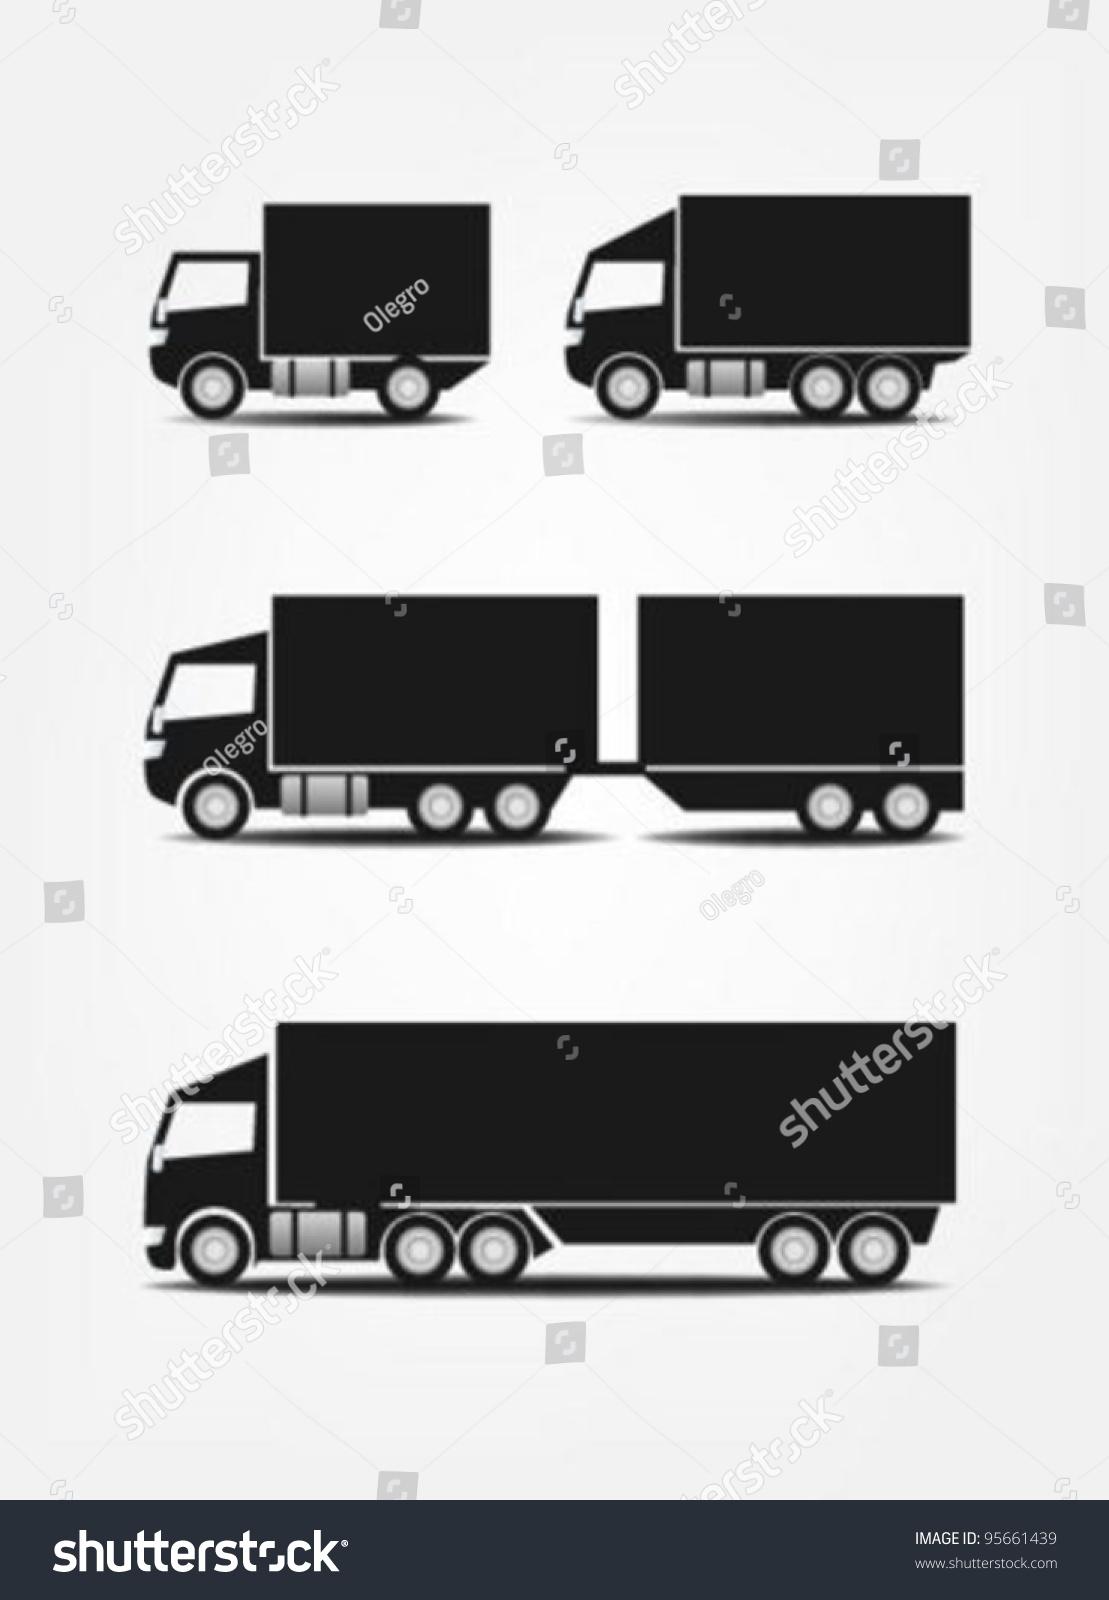 Truck Symbols Stock Vector Illustration 95661439 : Shutterstock